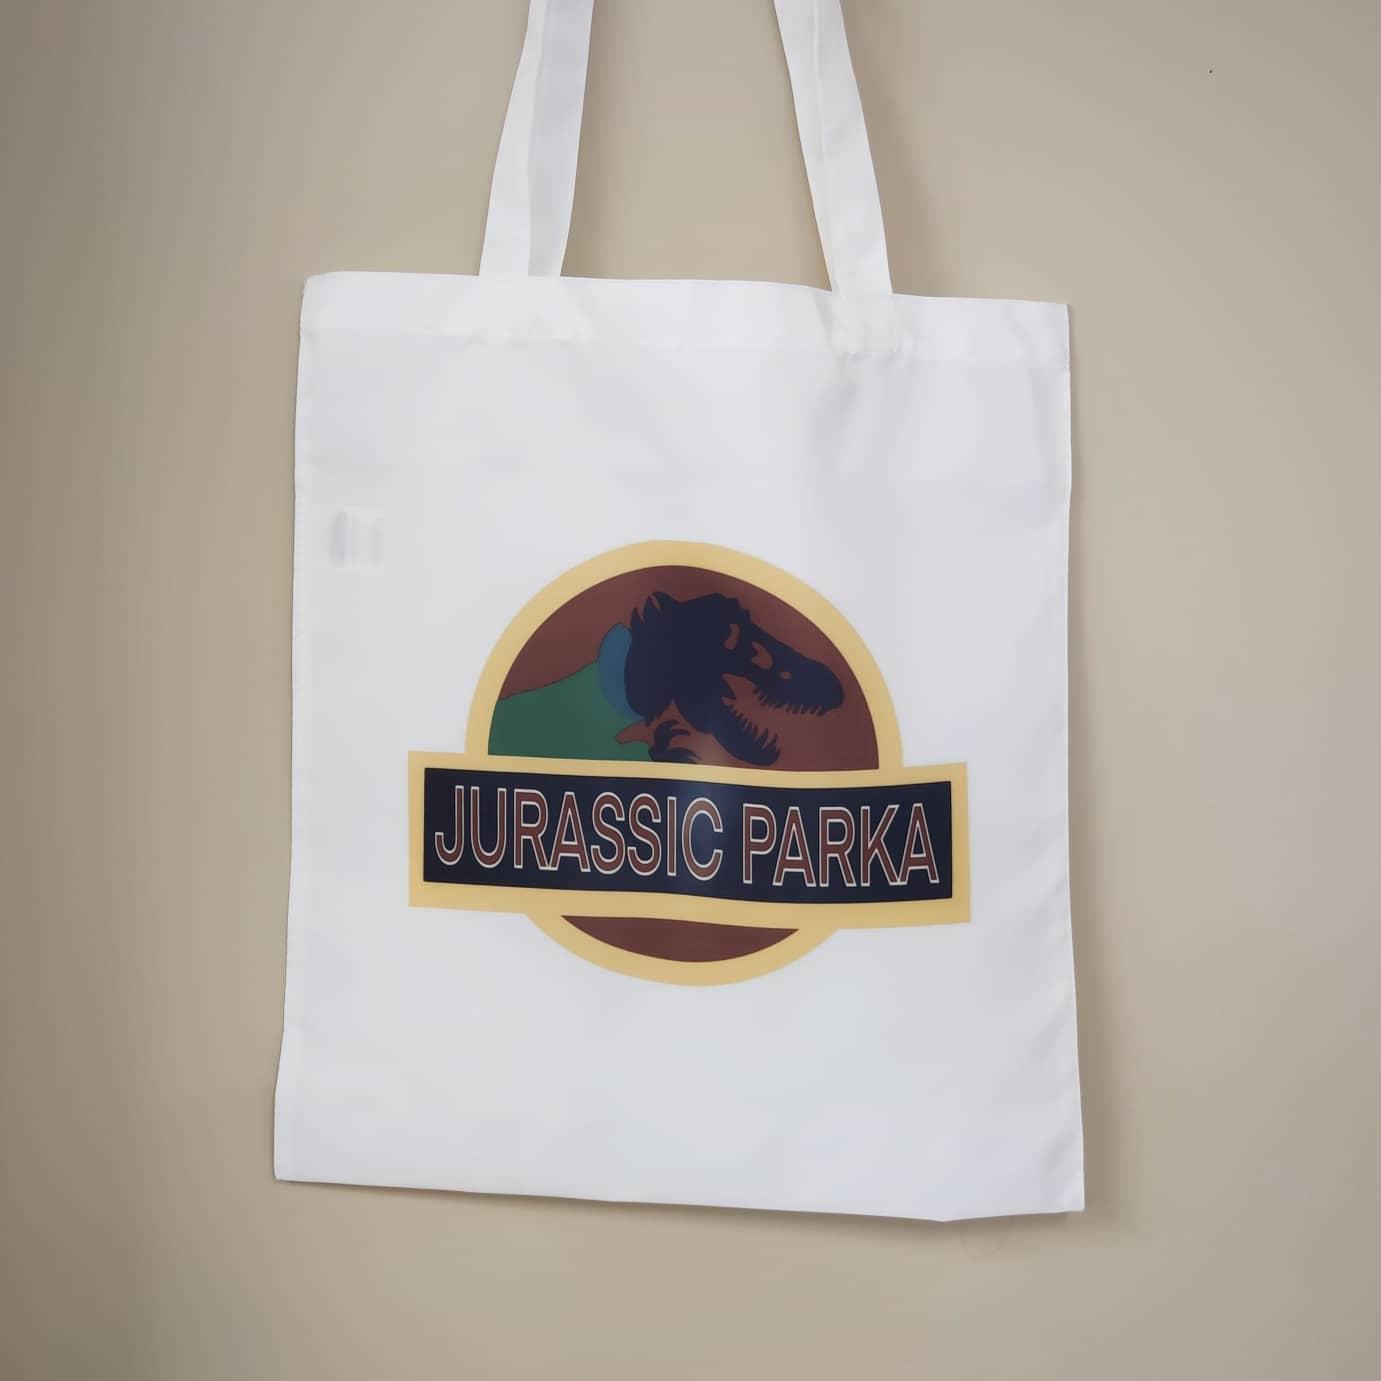 Tôte-bag : Jurassic Parka